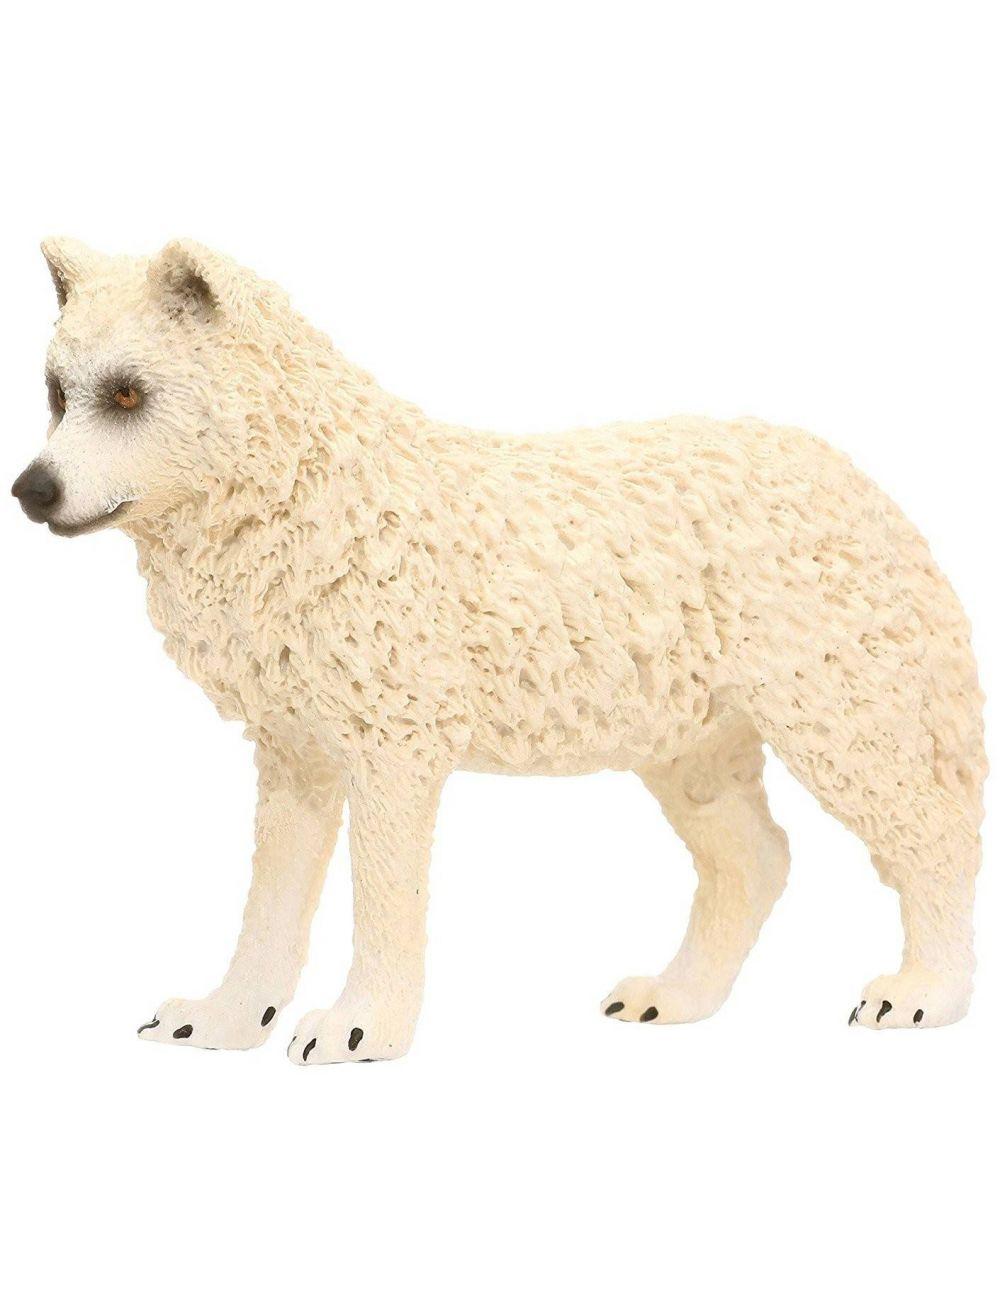 Schleich 14742 Wilk Arktyczny